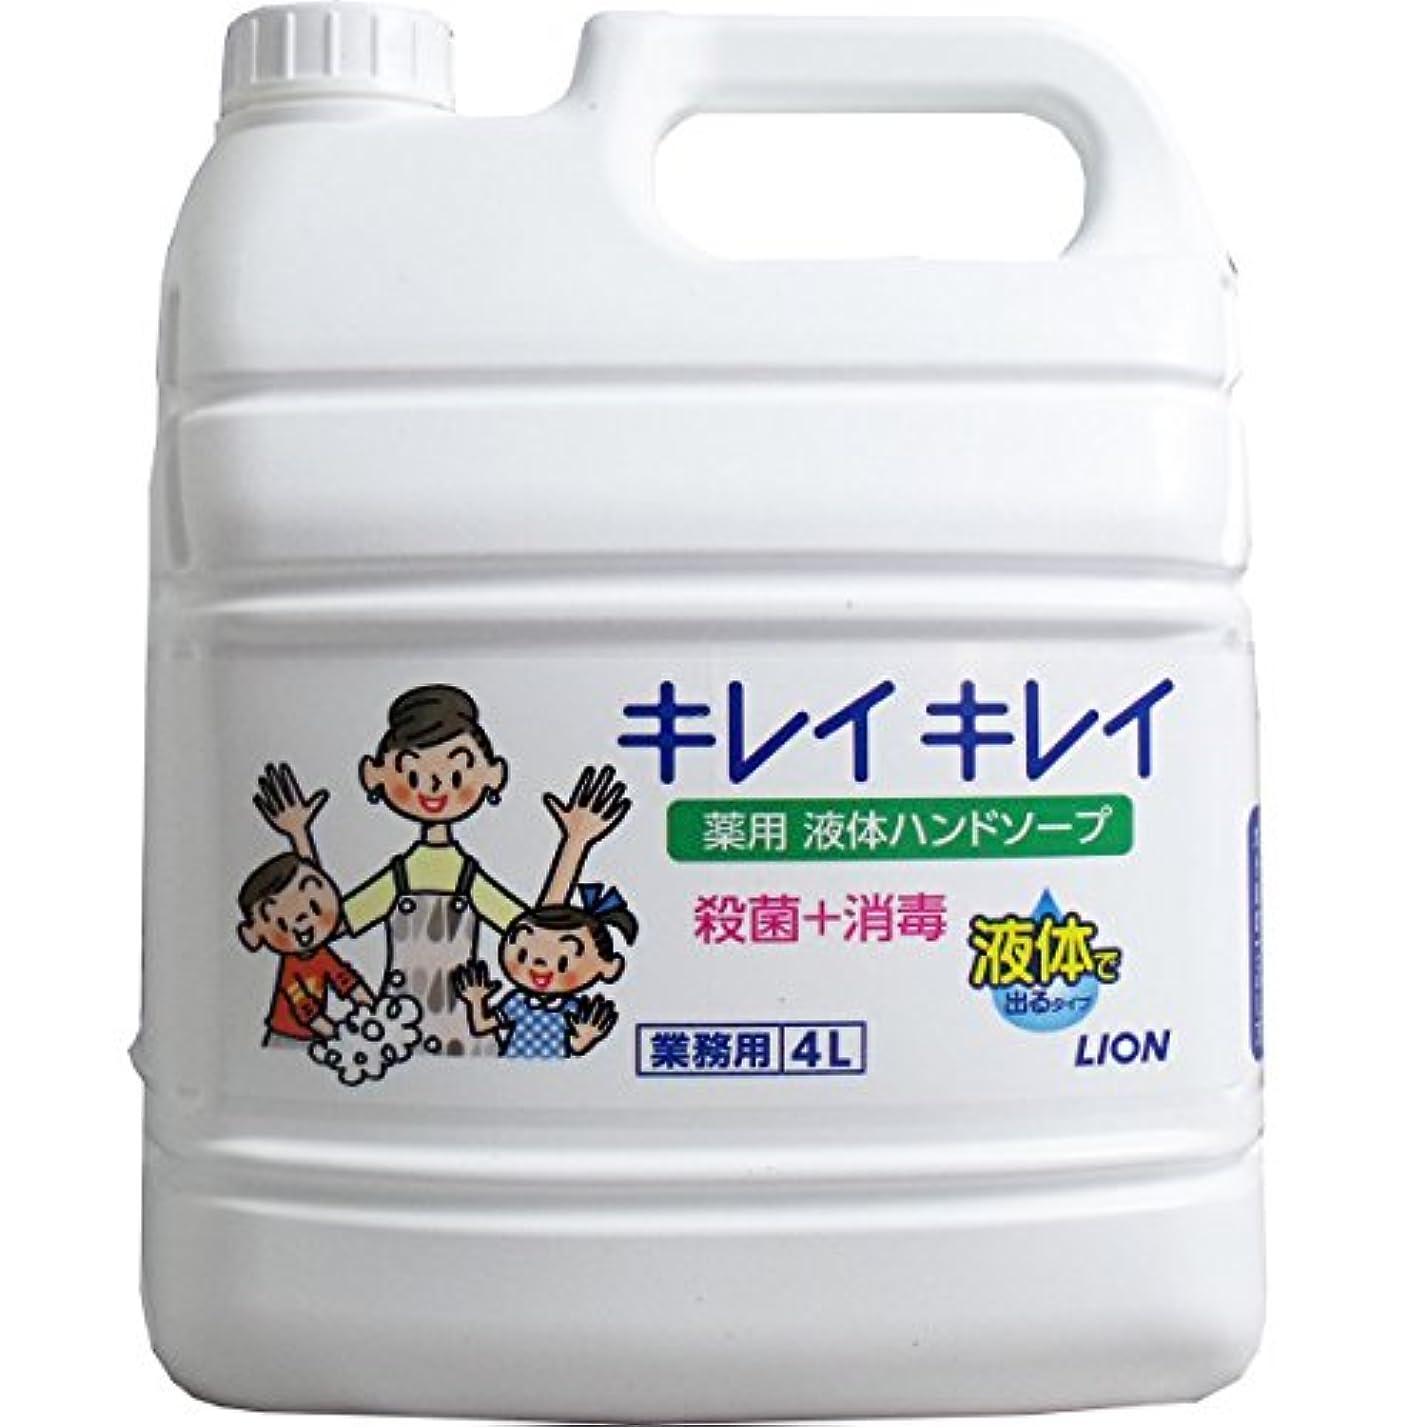 ポケット暗殺者シプリーライオン 業務用 キレイキレイ 薬用ハンドソープ 4LX3本